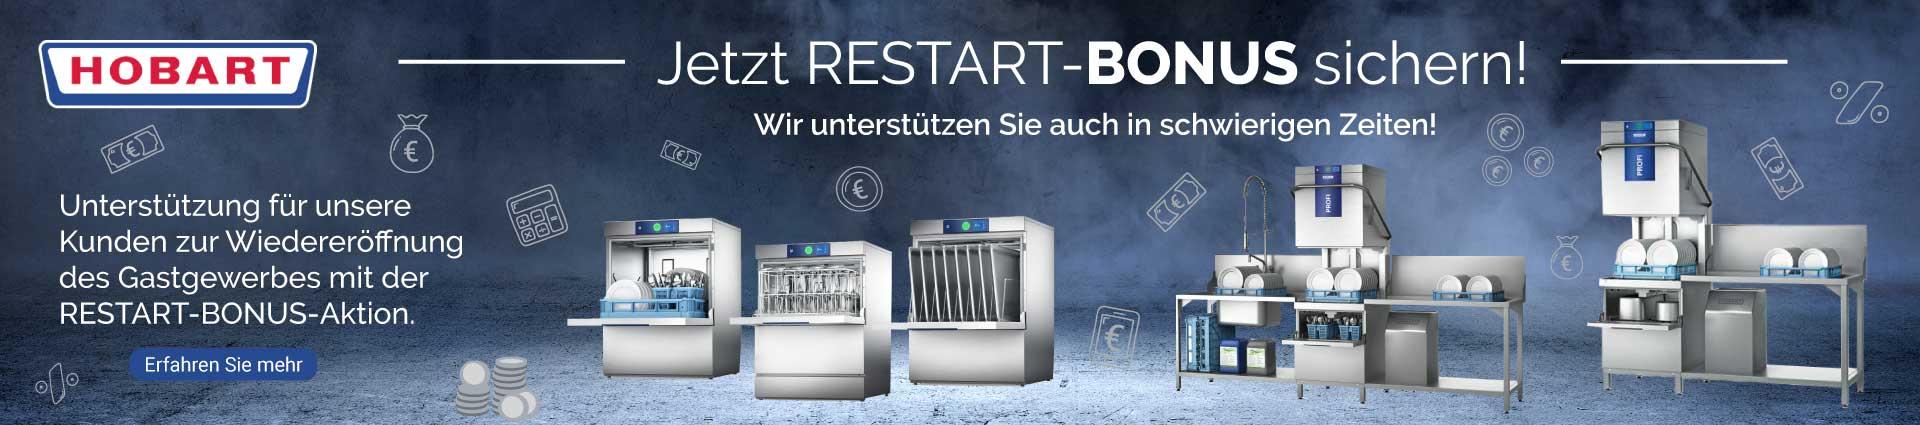 HOBART Restart-Bonus